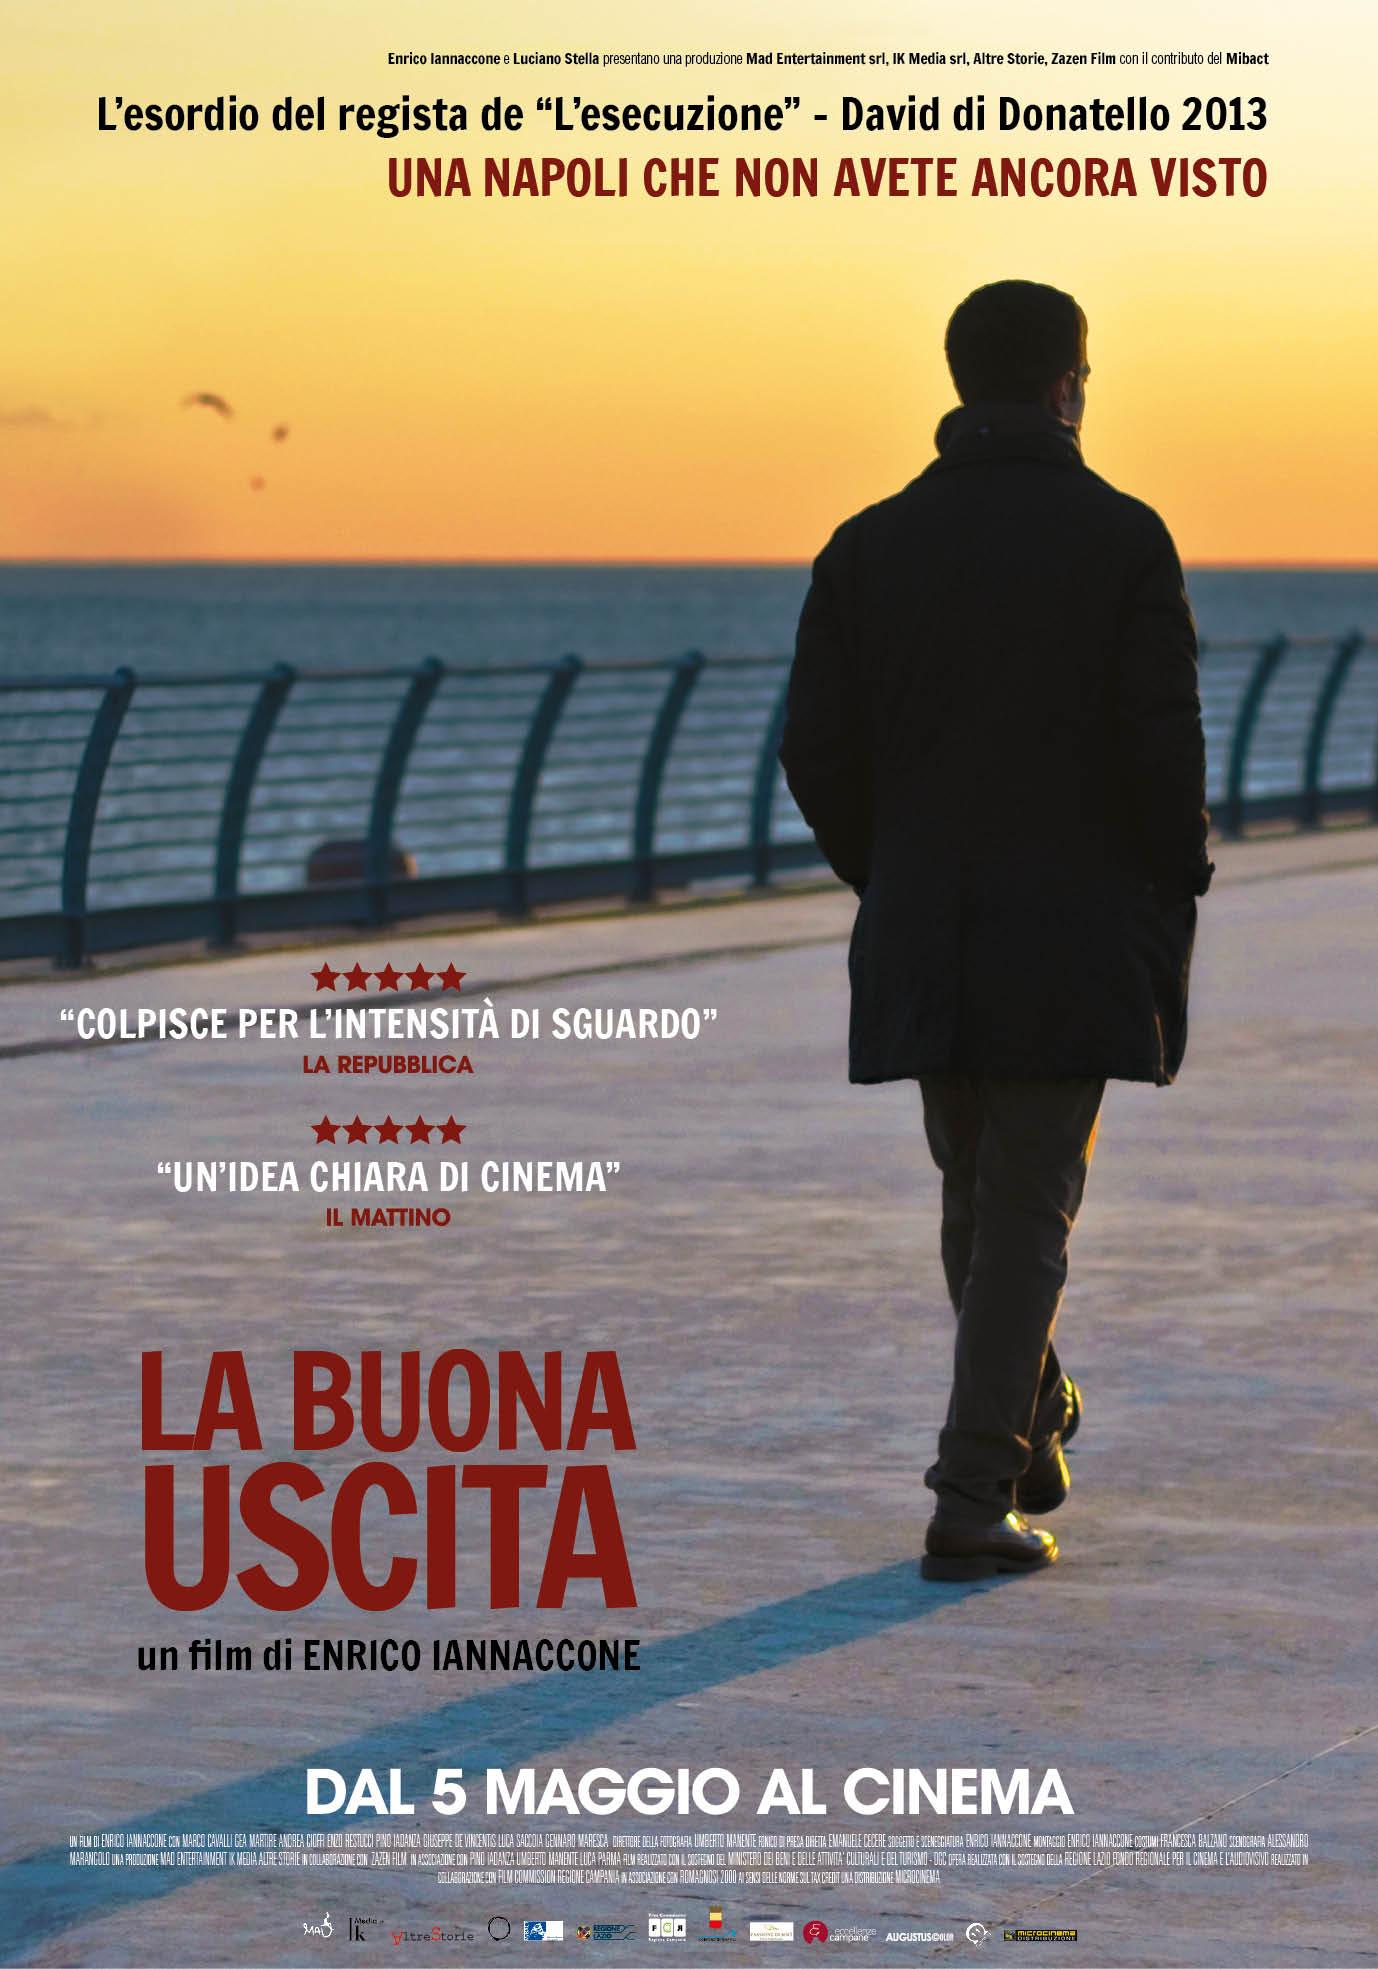 LA BUONA cover